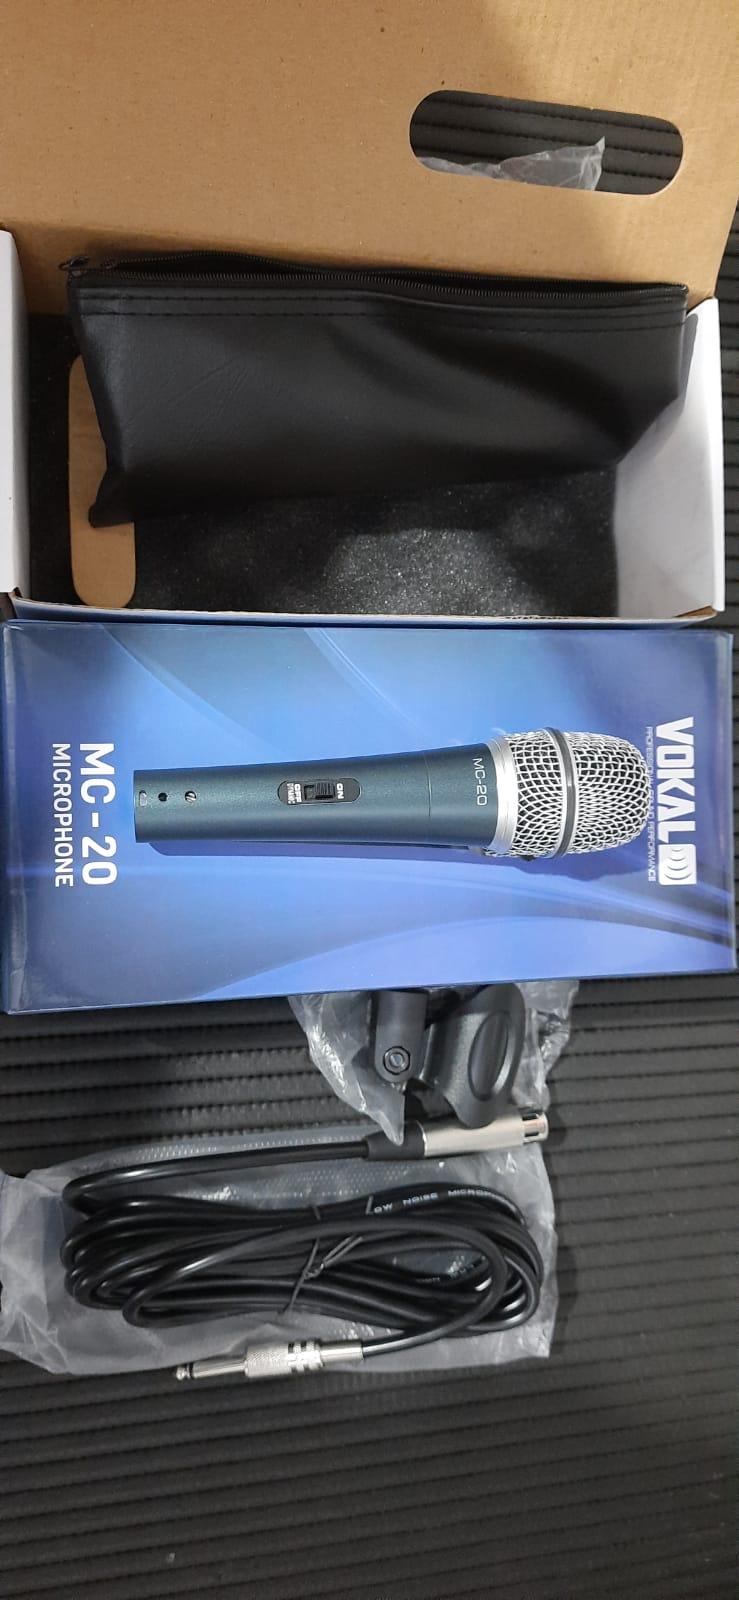 Microfone Vokal Mc20 C/ Fio